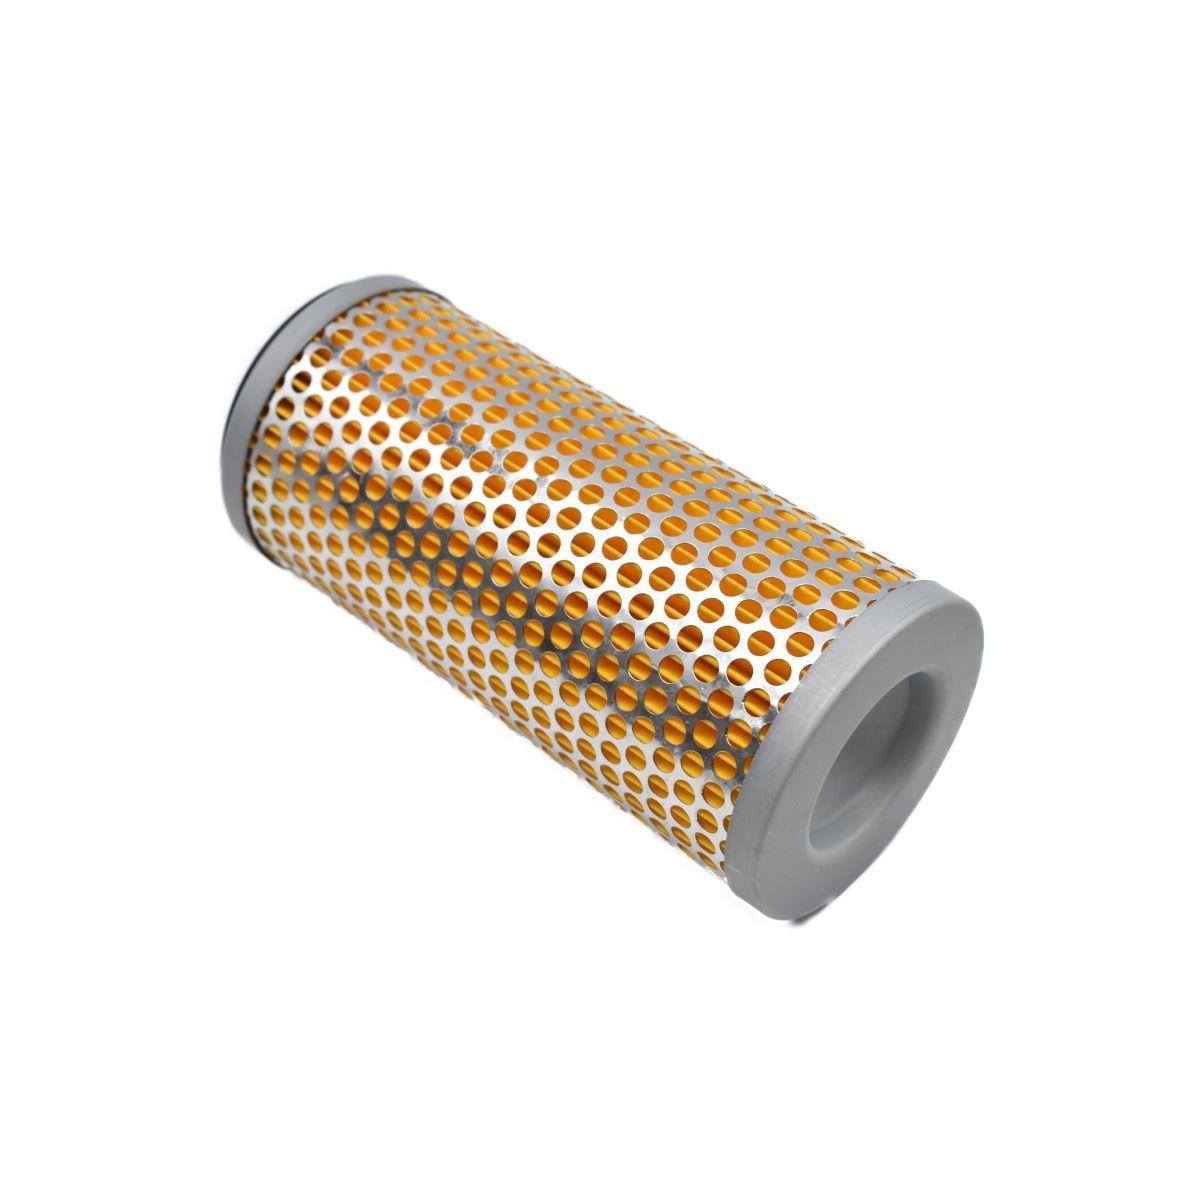 kubota air filter Dimensions: Length: 180mm Diameter: 83.5mm Diameter hole: 46mm